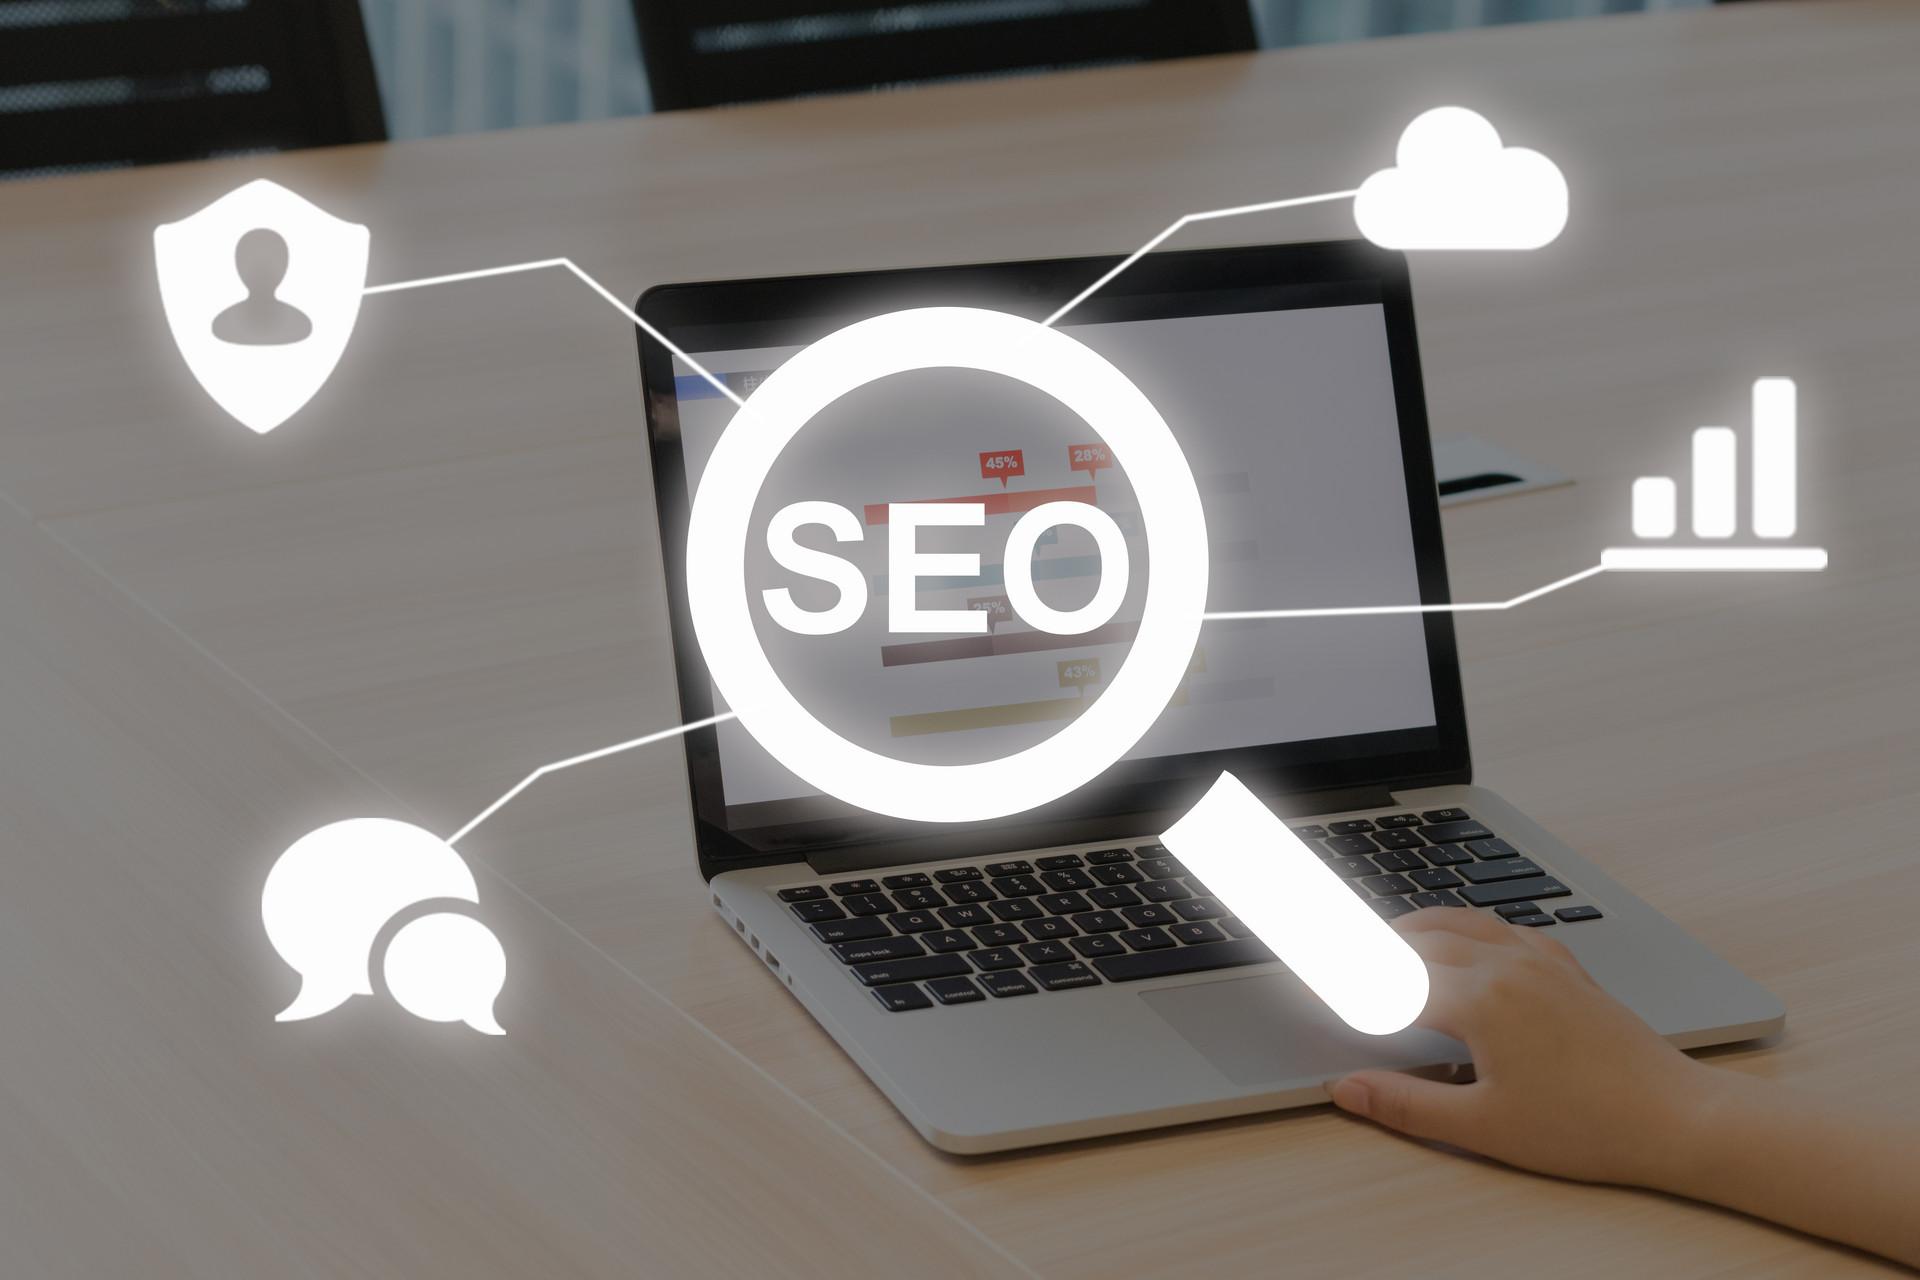 犀牛云分享:搜索引擎自然排名,影响网站排名因素有哪些?